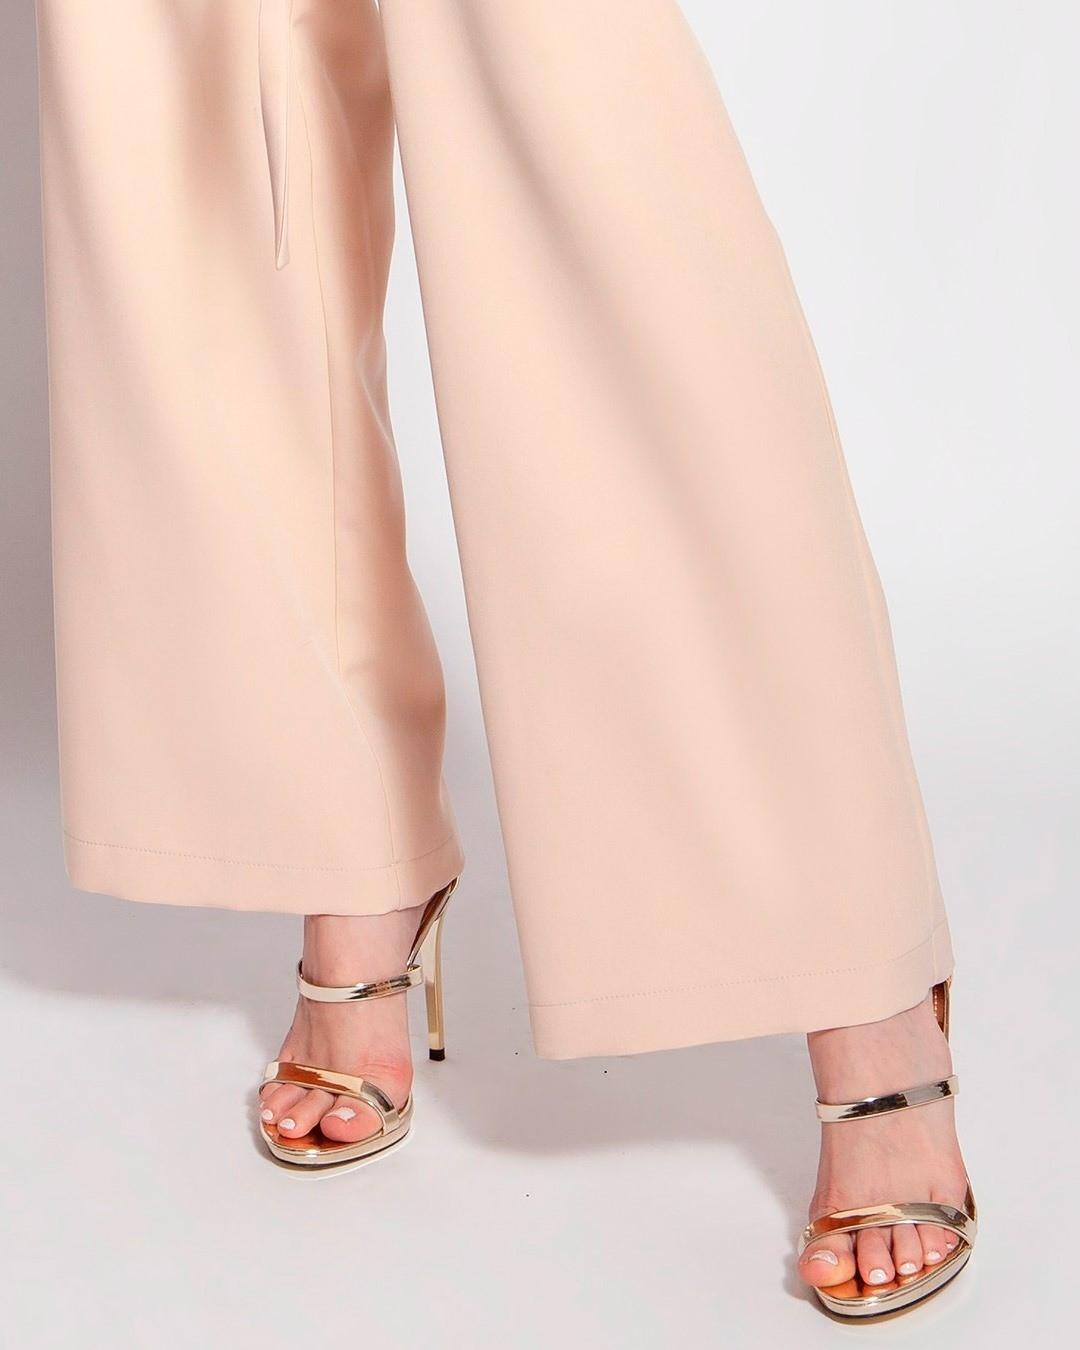 Kiedy mówimy, że rozszerzane nogawki tego kombinezonu wyglądają obędnie, to znaczy, że wyglądają.  #sandałki #złotesandałki #kombinezondamski #kombinezonnawesele #eleganckastylizacja #wcosieubracnaprzyjęcie #stylowakobieta #ubierajsieklasycznie